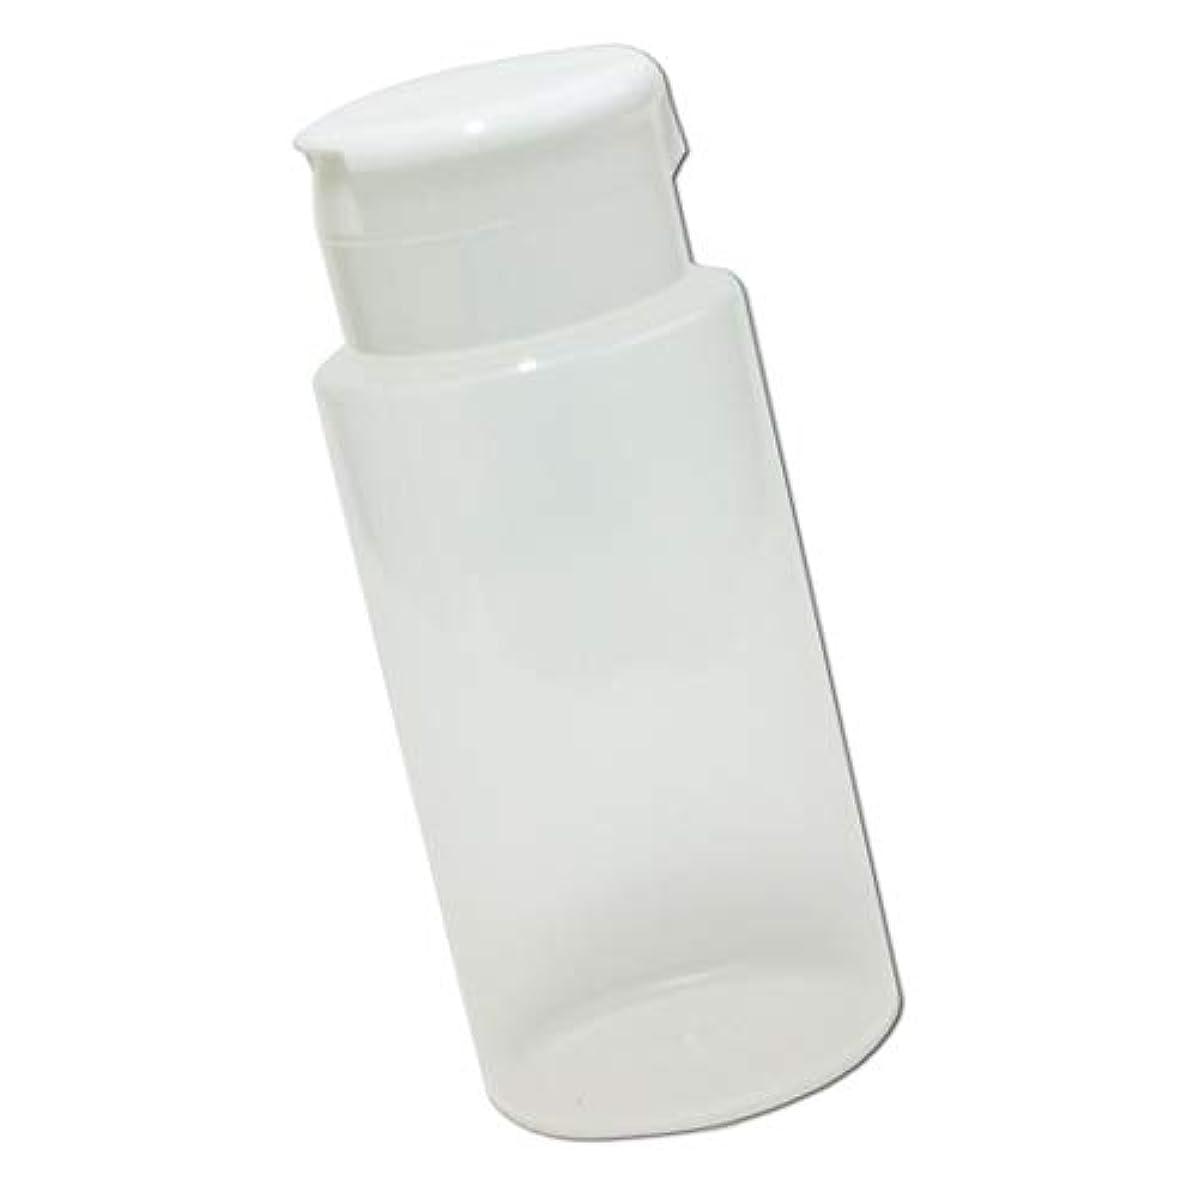 要旨式シェアワンタッチキャップ詰め替え容器370ml│業務用ローションやうがい薬、液体石鹸、調味料、化粧品の小分けに詰め替えボトル